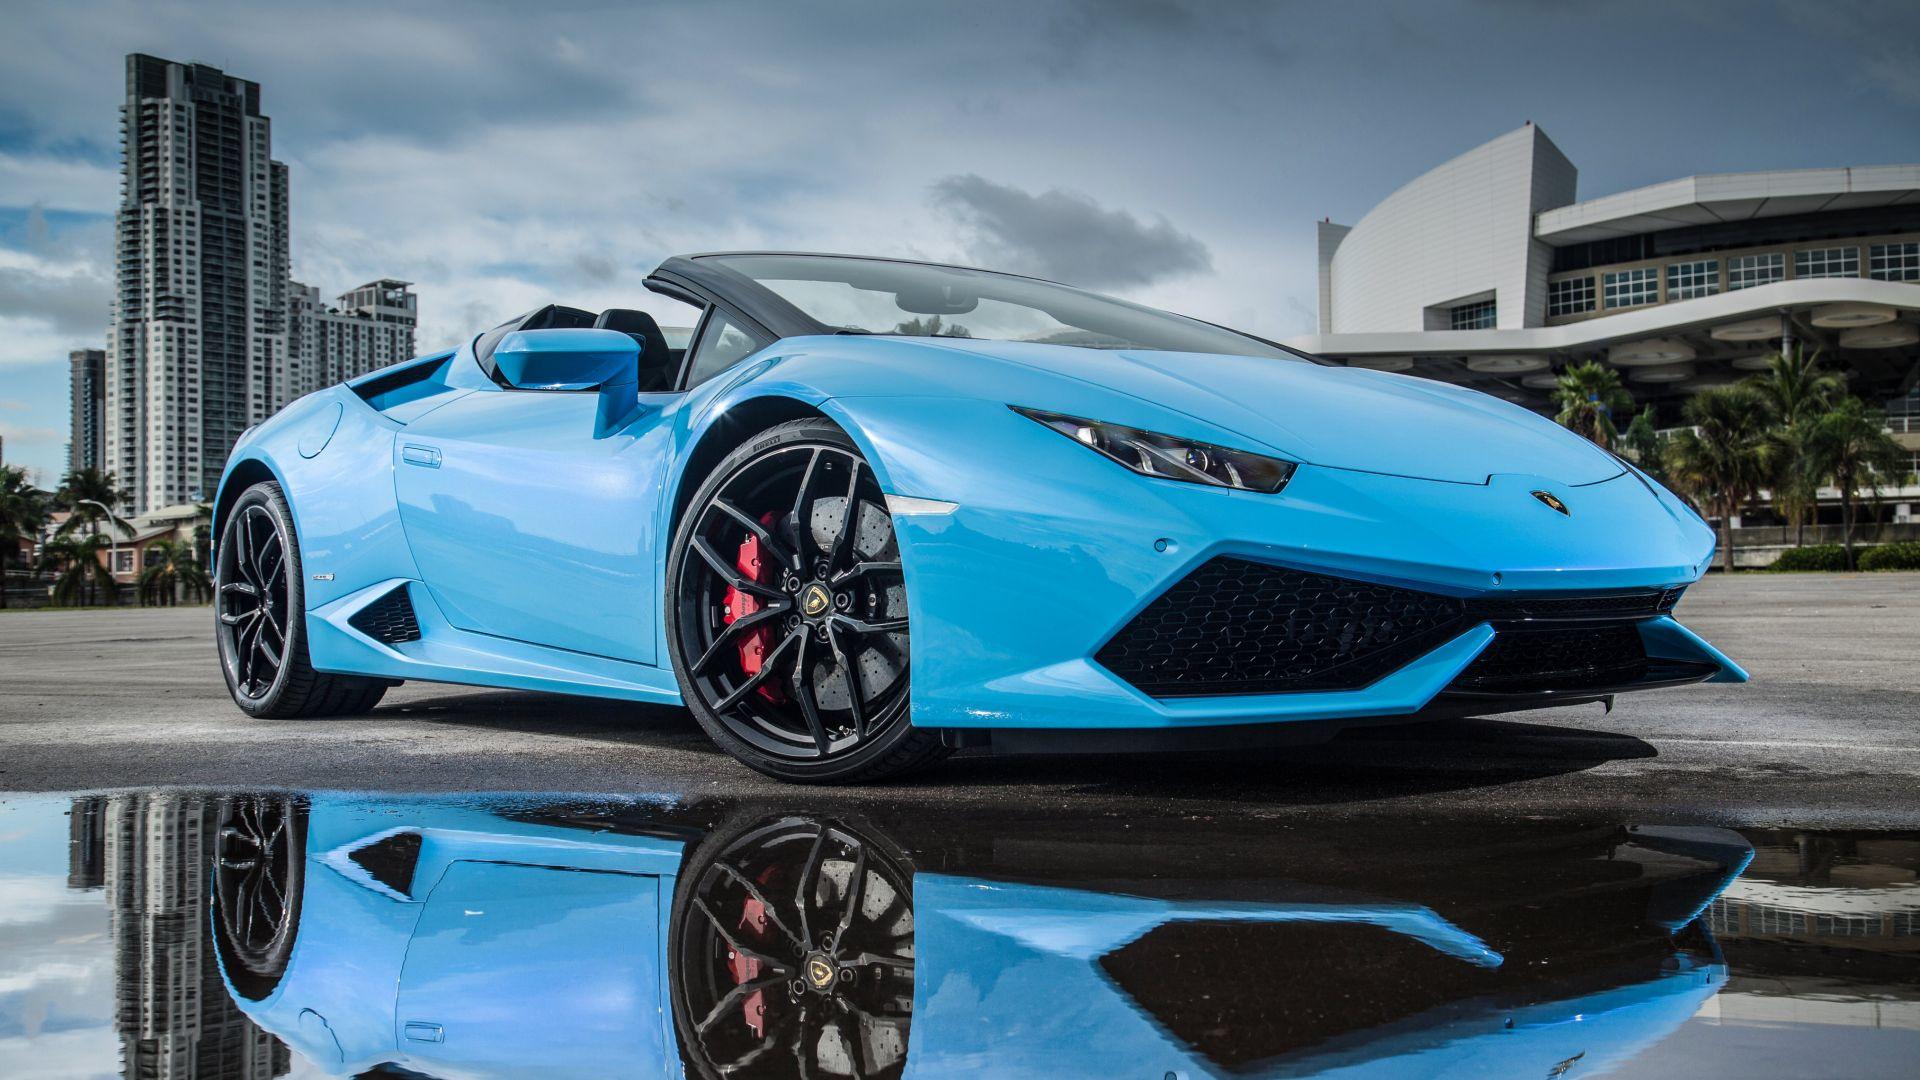 Top Car Wallpapers For Android Desktop Wallpaper Lamborghini Huracan Blue Sports Car 4k